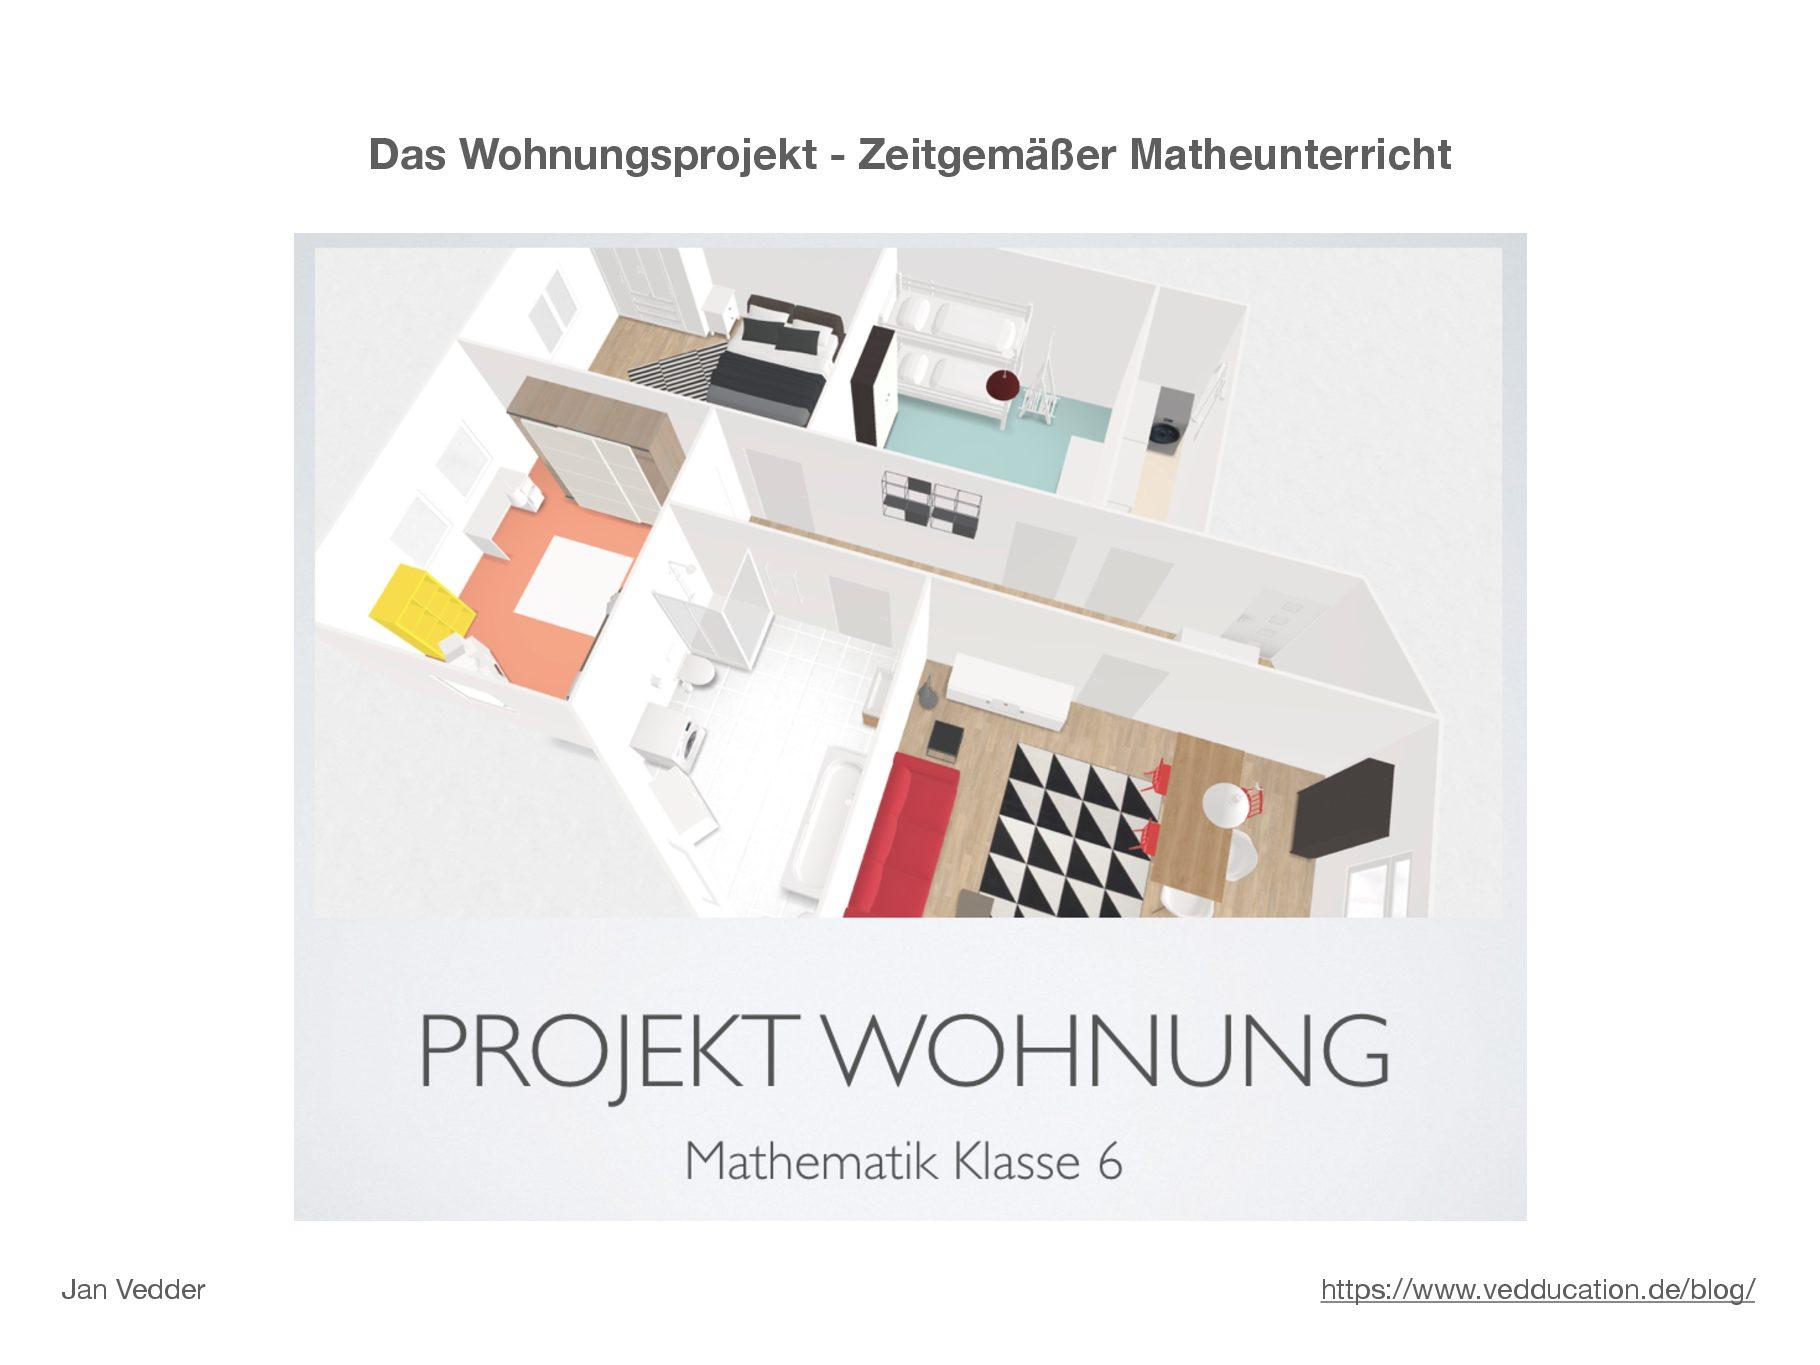 Dokumentation Wohnungsprojekt – Zeitgemäßer Matheunterricht